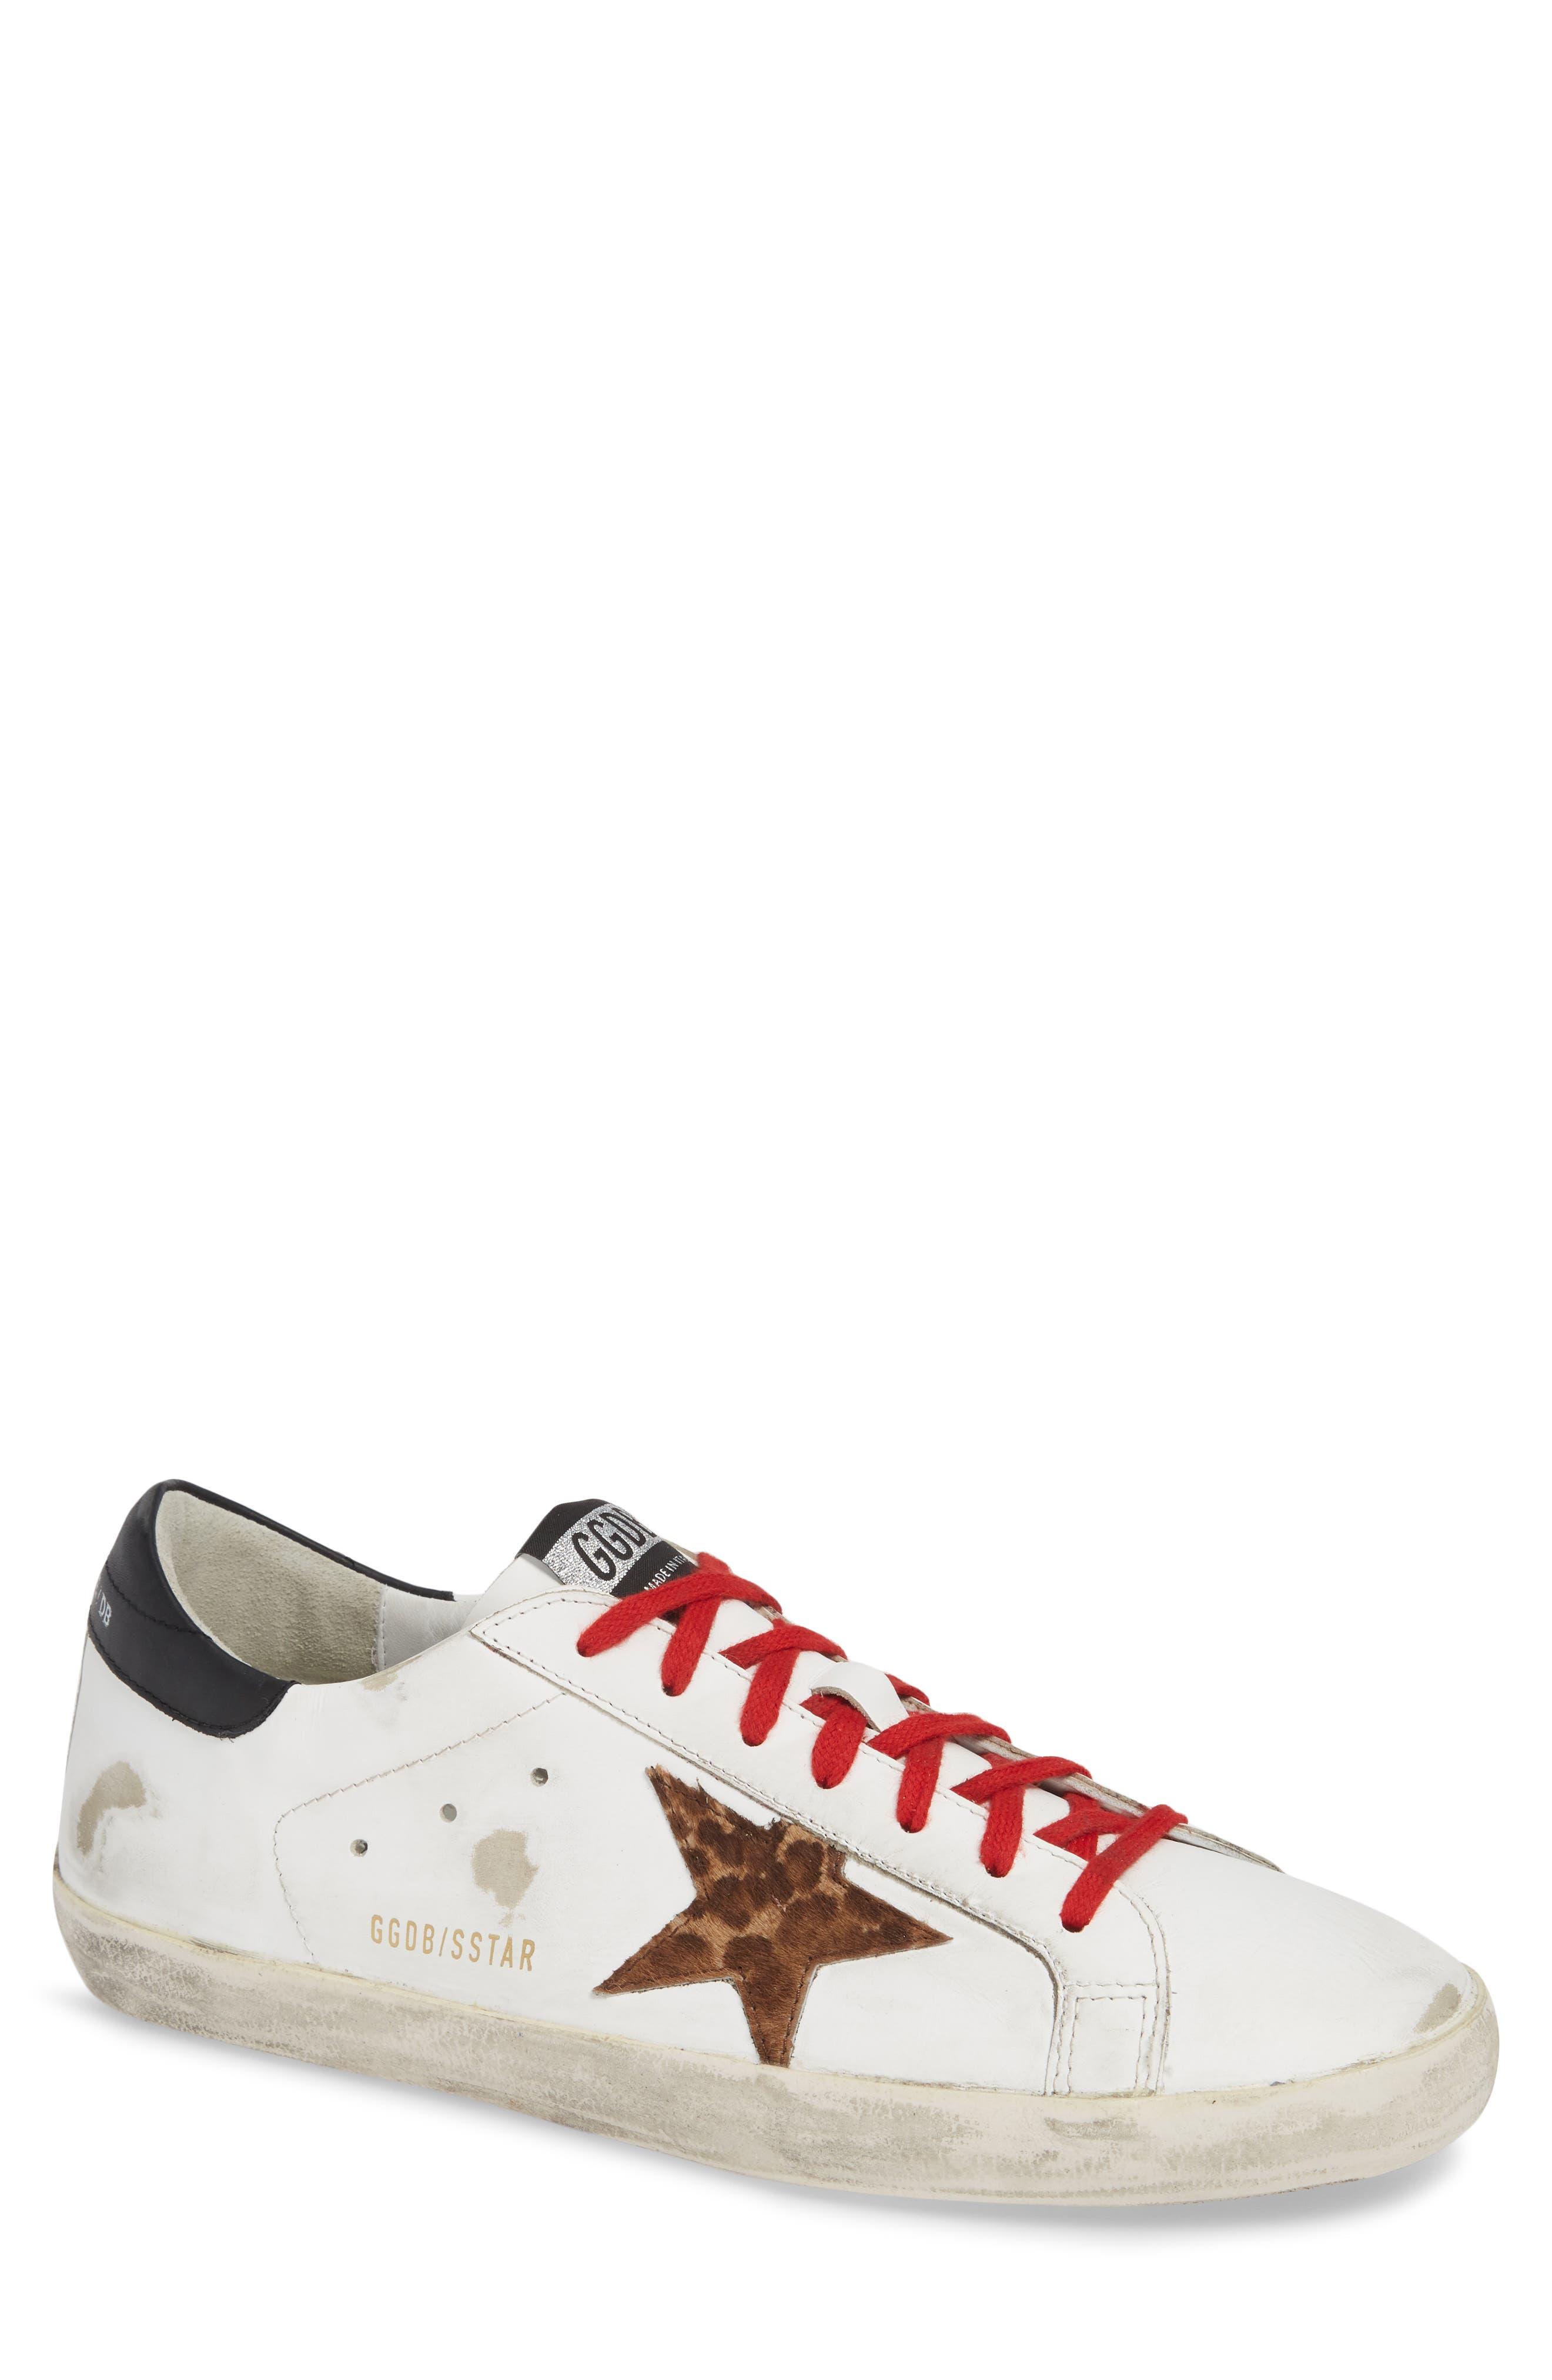 GOLDEN GOOSE, 'Superstar' Sneaker, Main thumbnail 1, color, WHITE/ BLACK